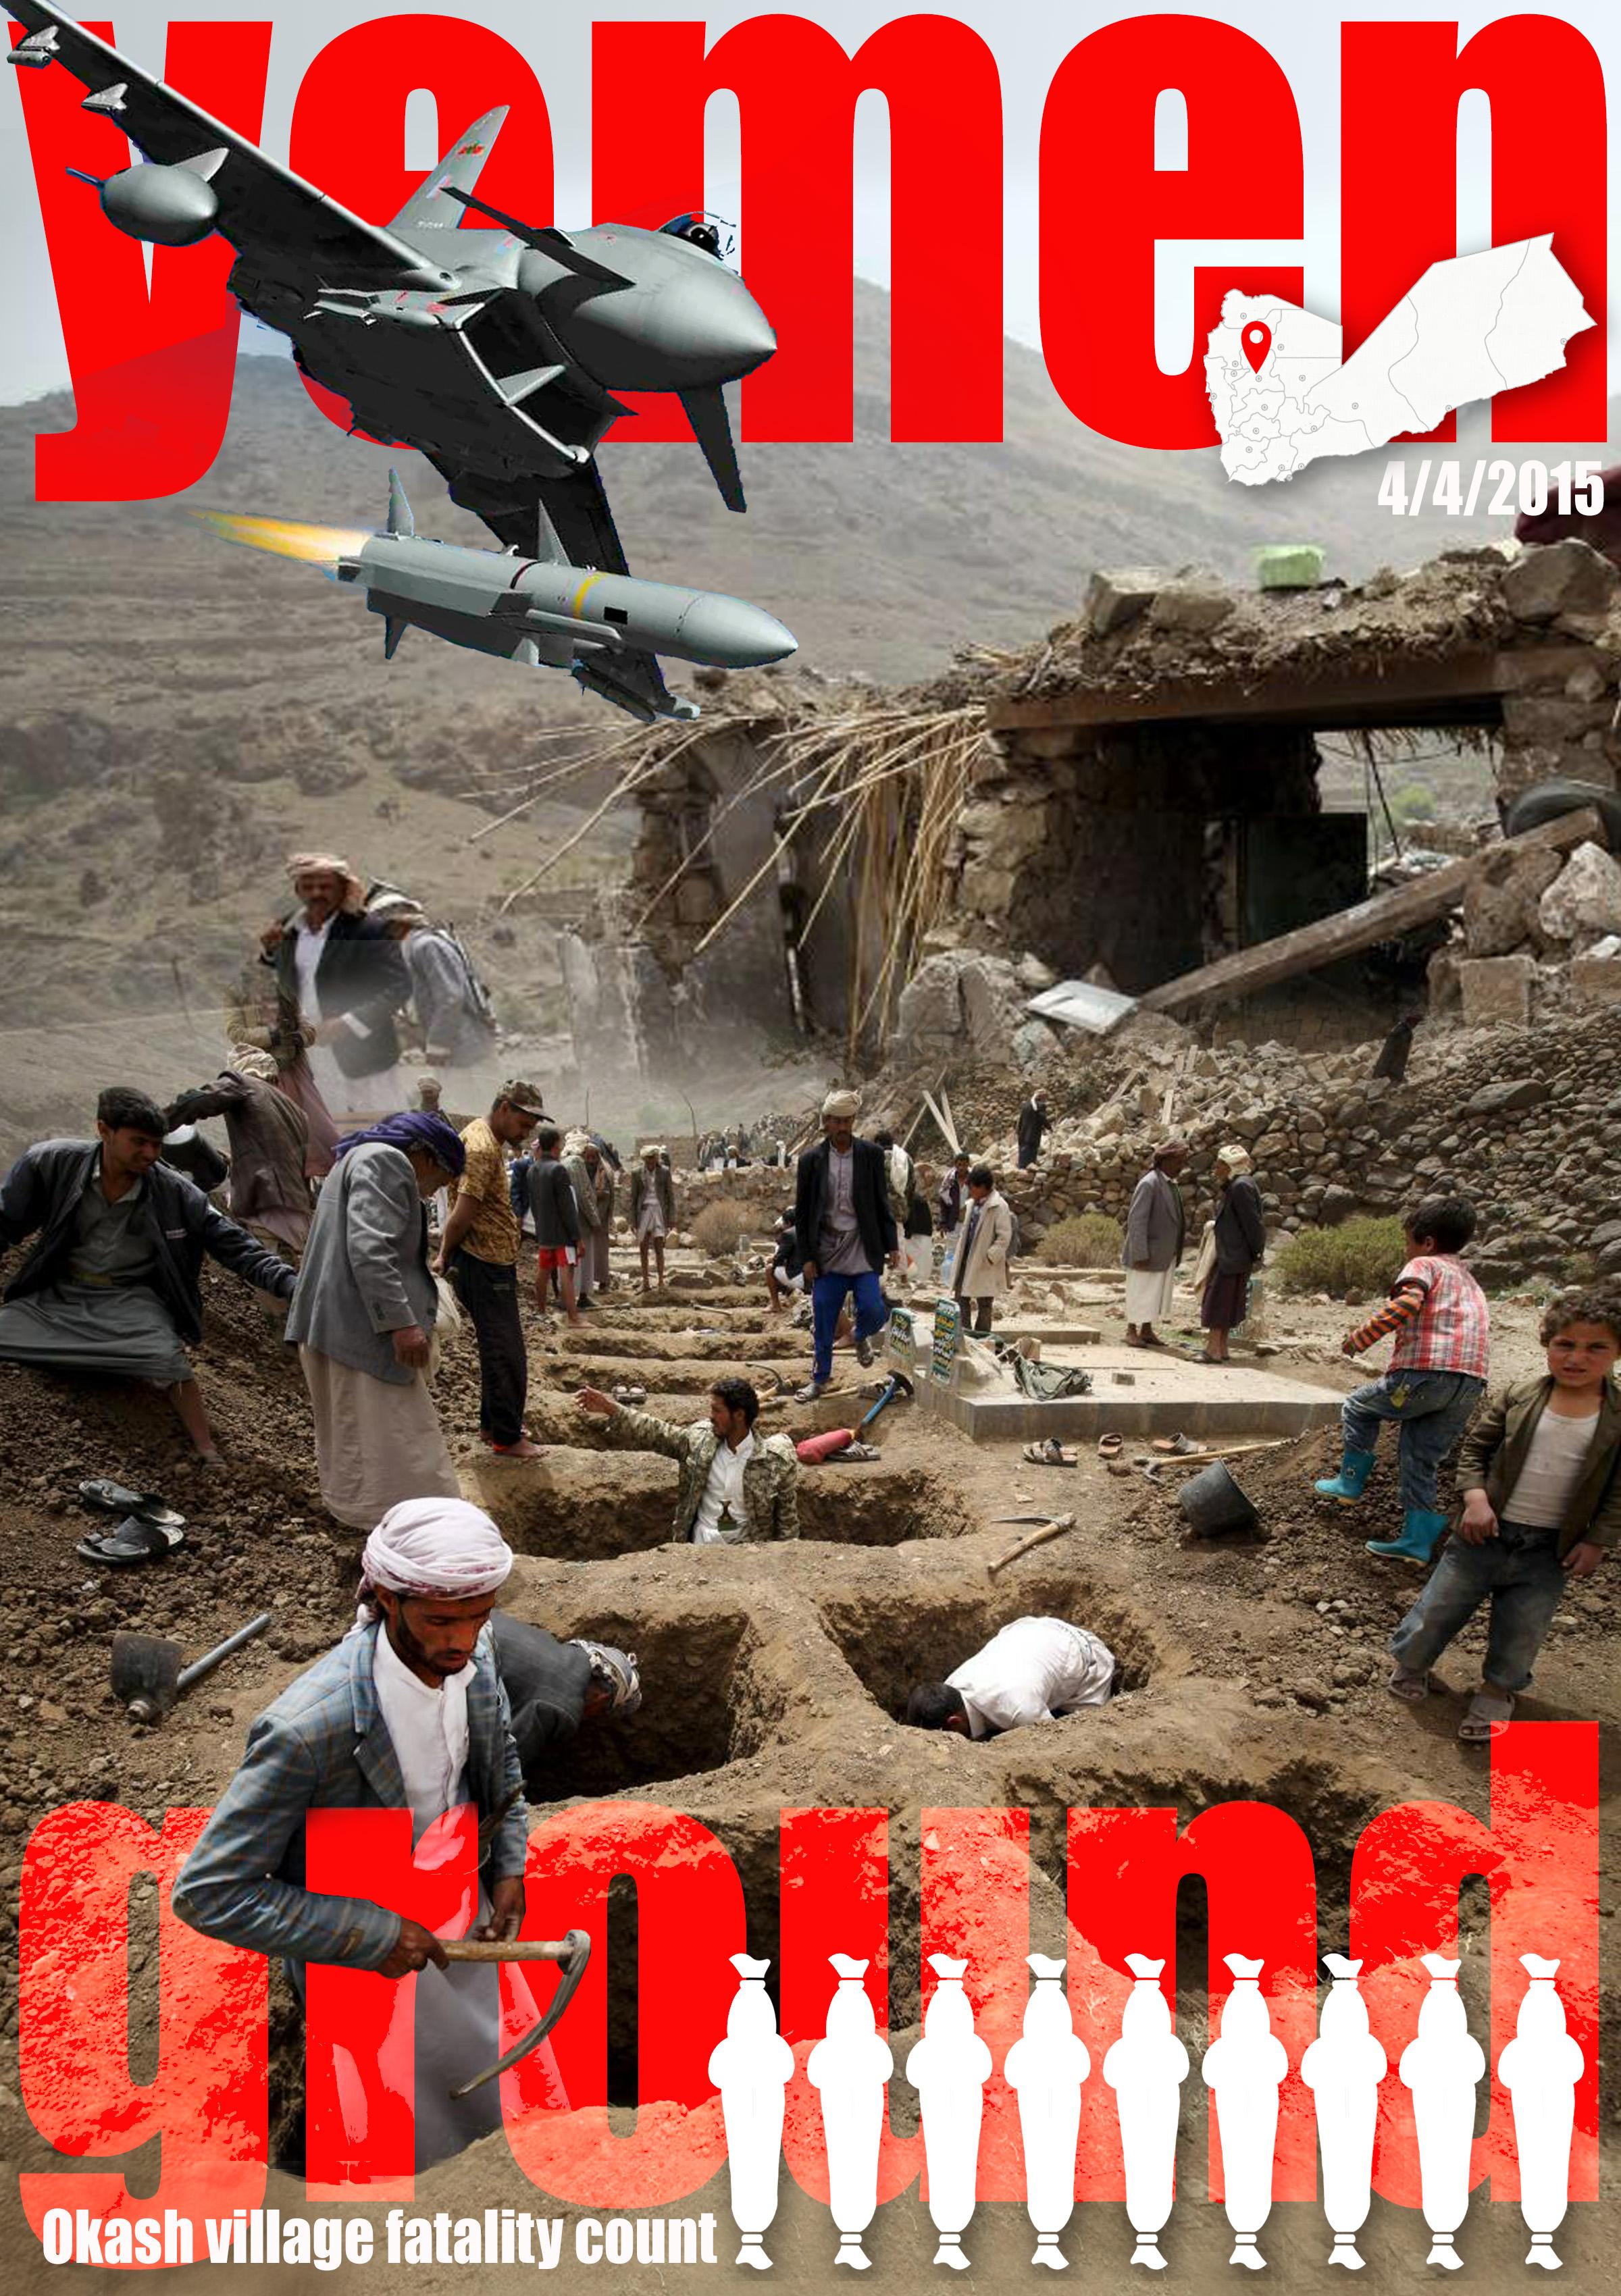 Yemen Ground Zero in Okash near Sanaa on 442015 =_16856412329_o